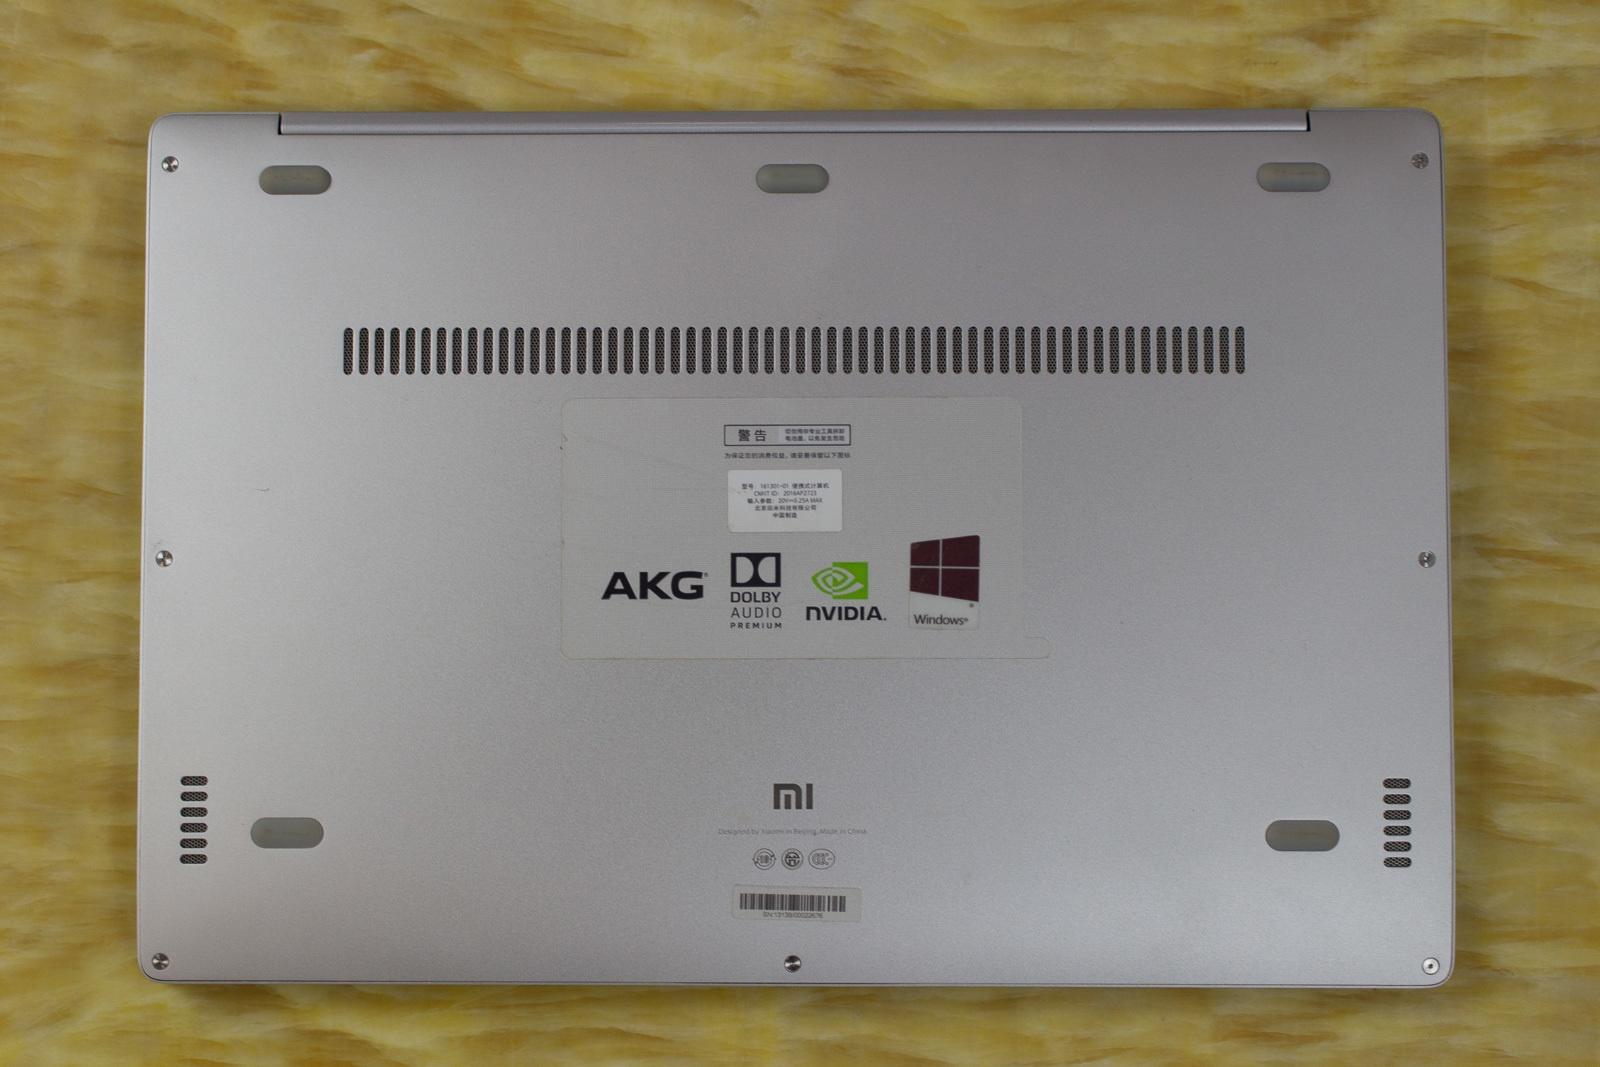 Xiaomi Mi Air 13 Laptop — еще один отличный китайский ноутбук, совершенно непохожий на Macbook - 8